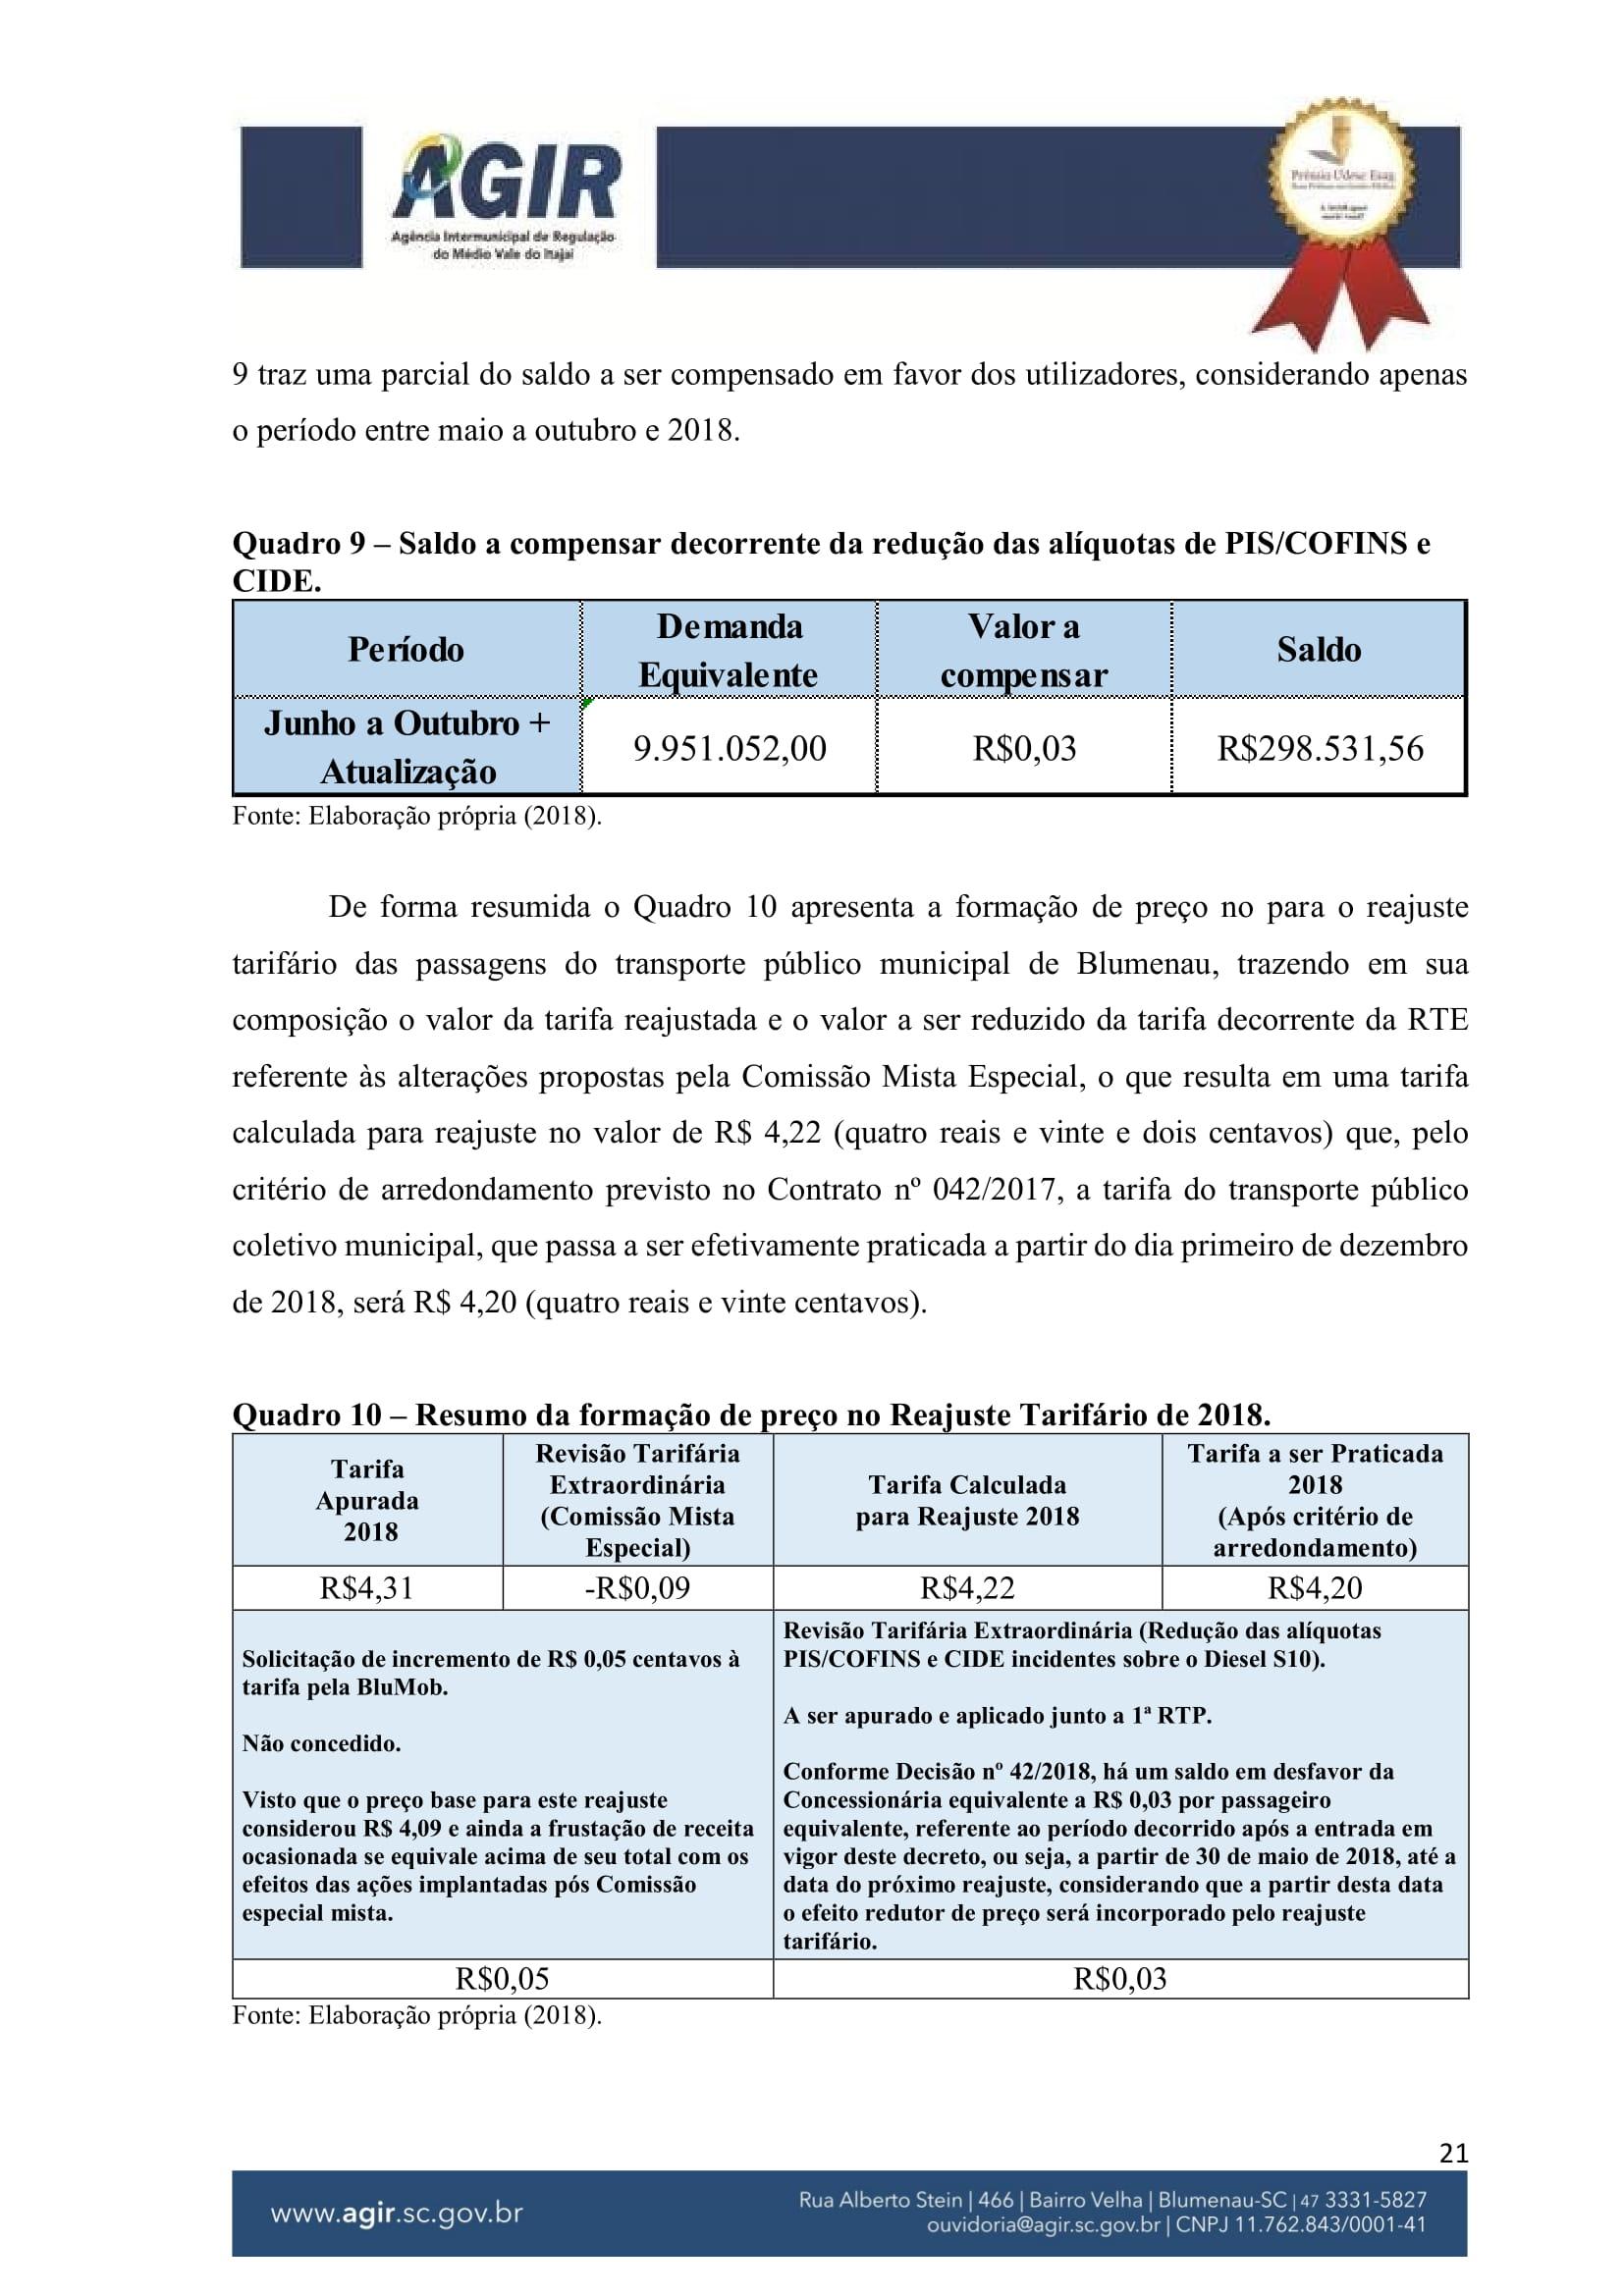 Parecer Administrativo nº 70-2018-21